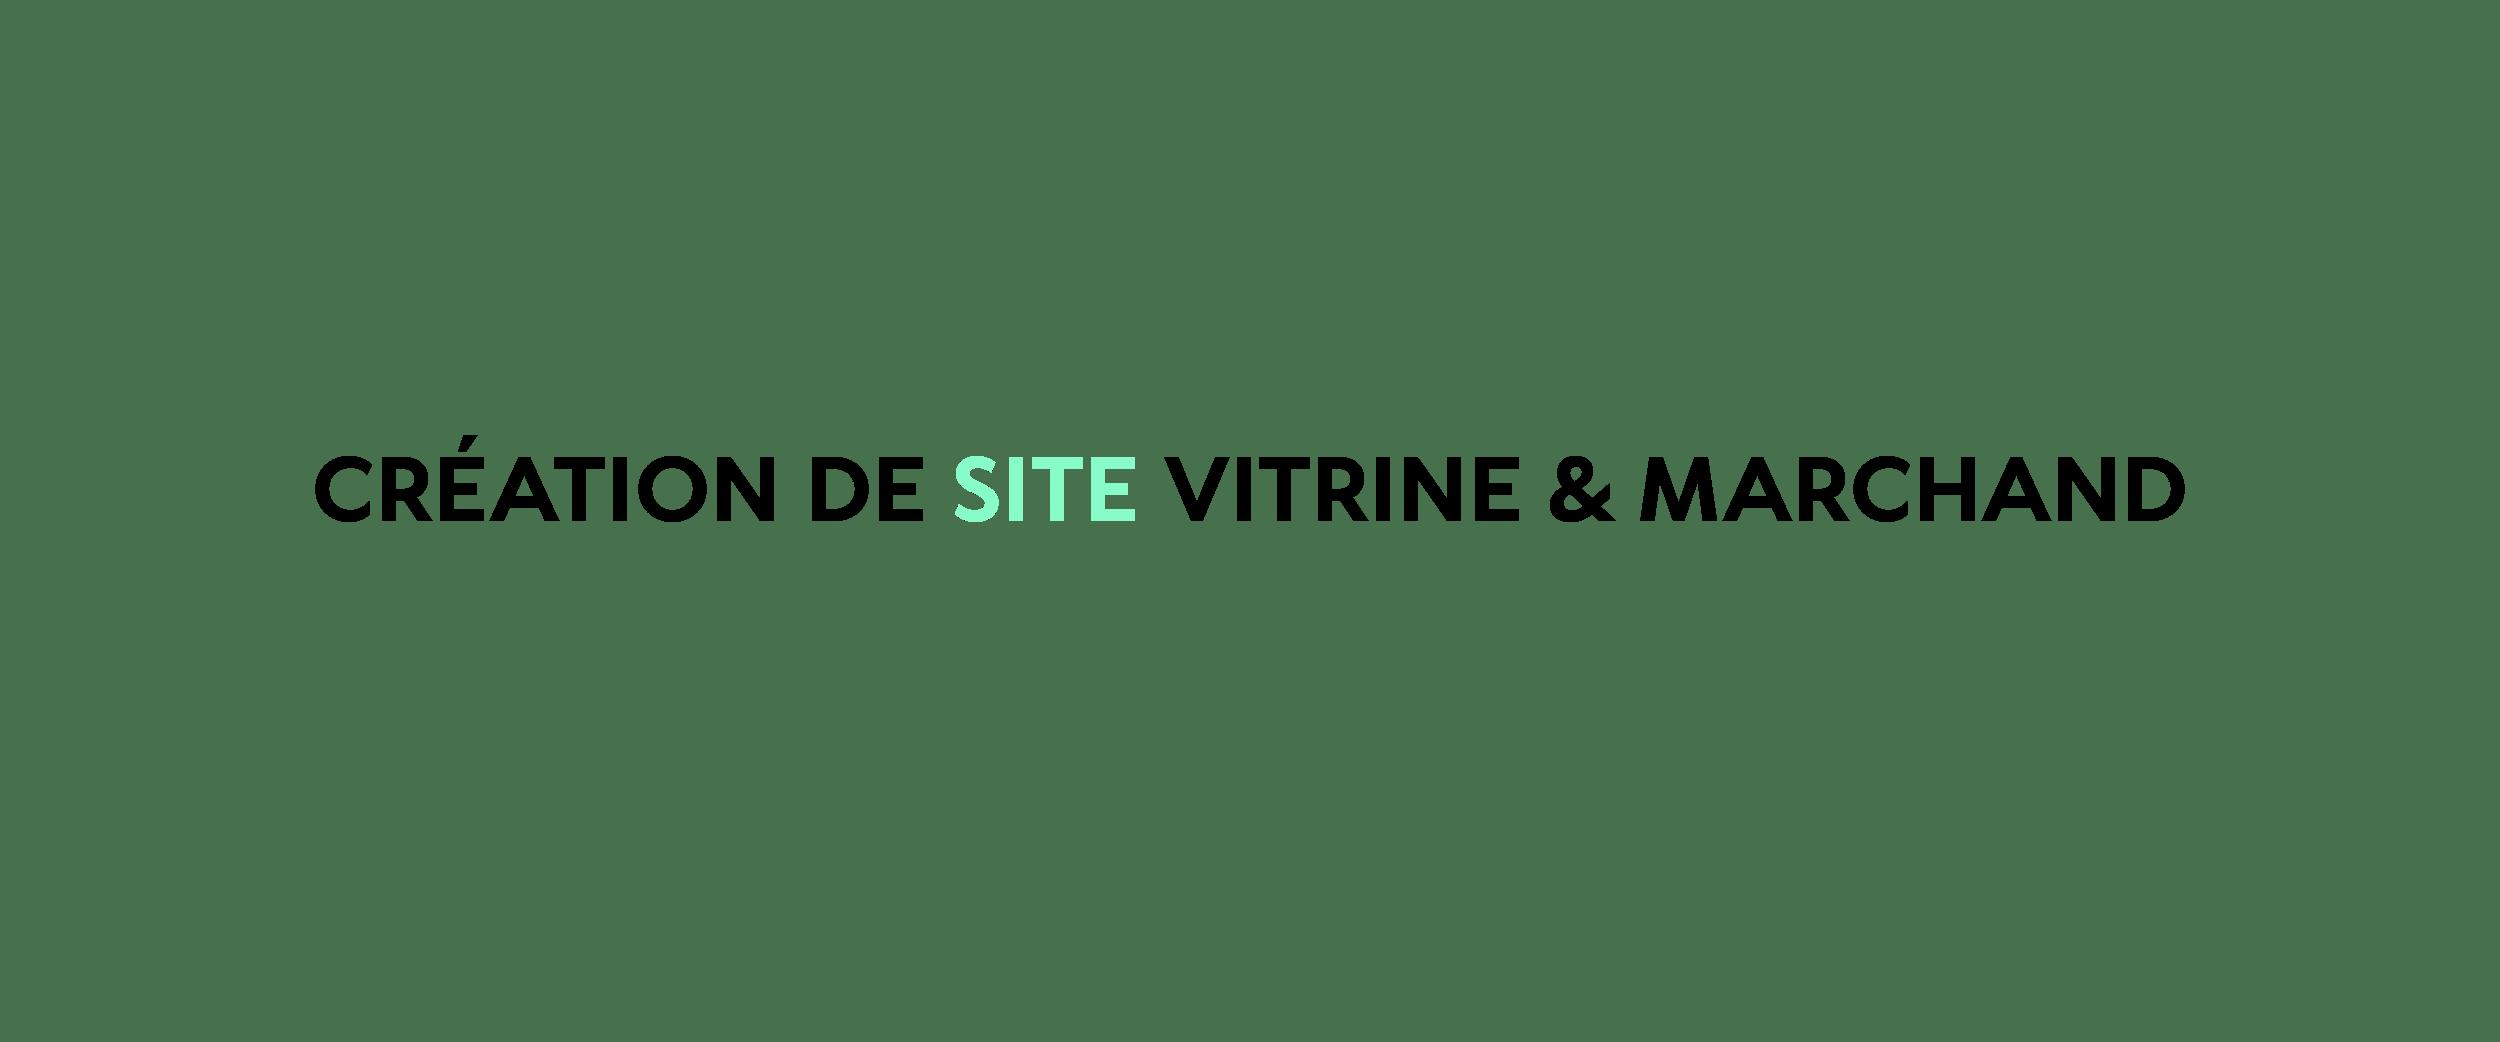 bannière-pontarlier-agence-de-communication-graphiste-graphisme-site-web-internet-vitrine-marchand